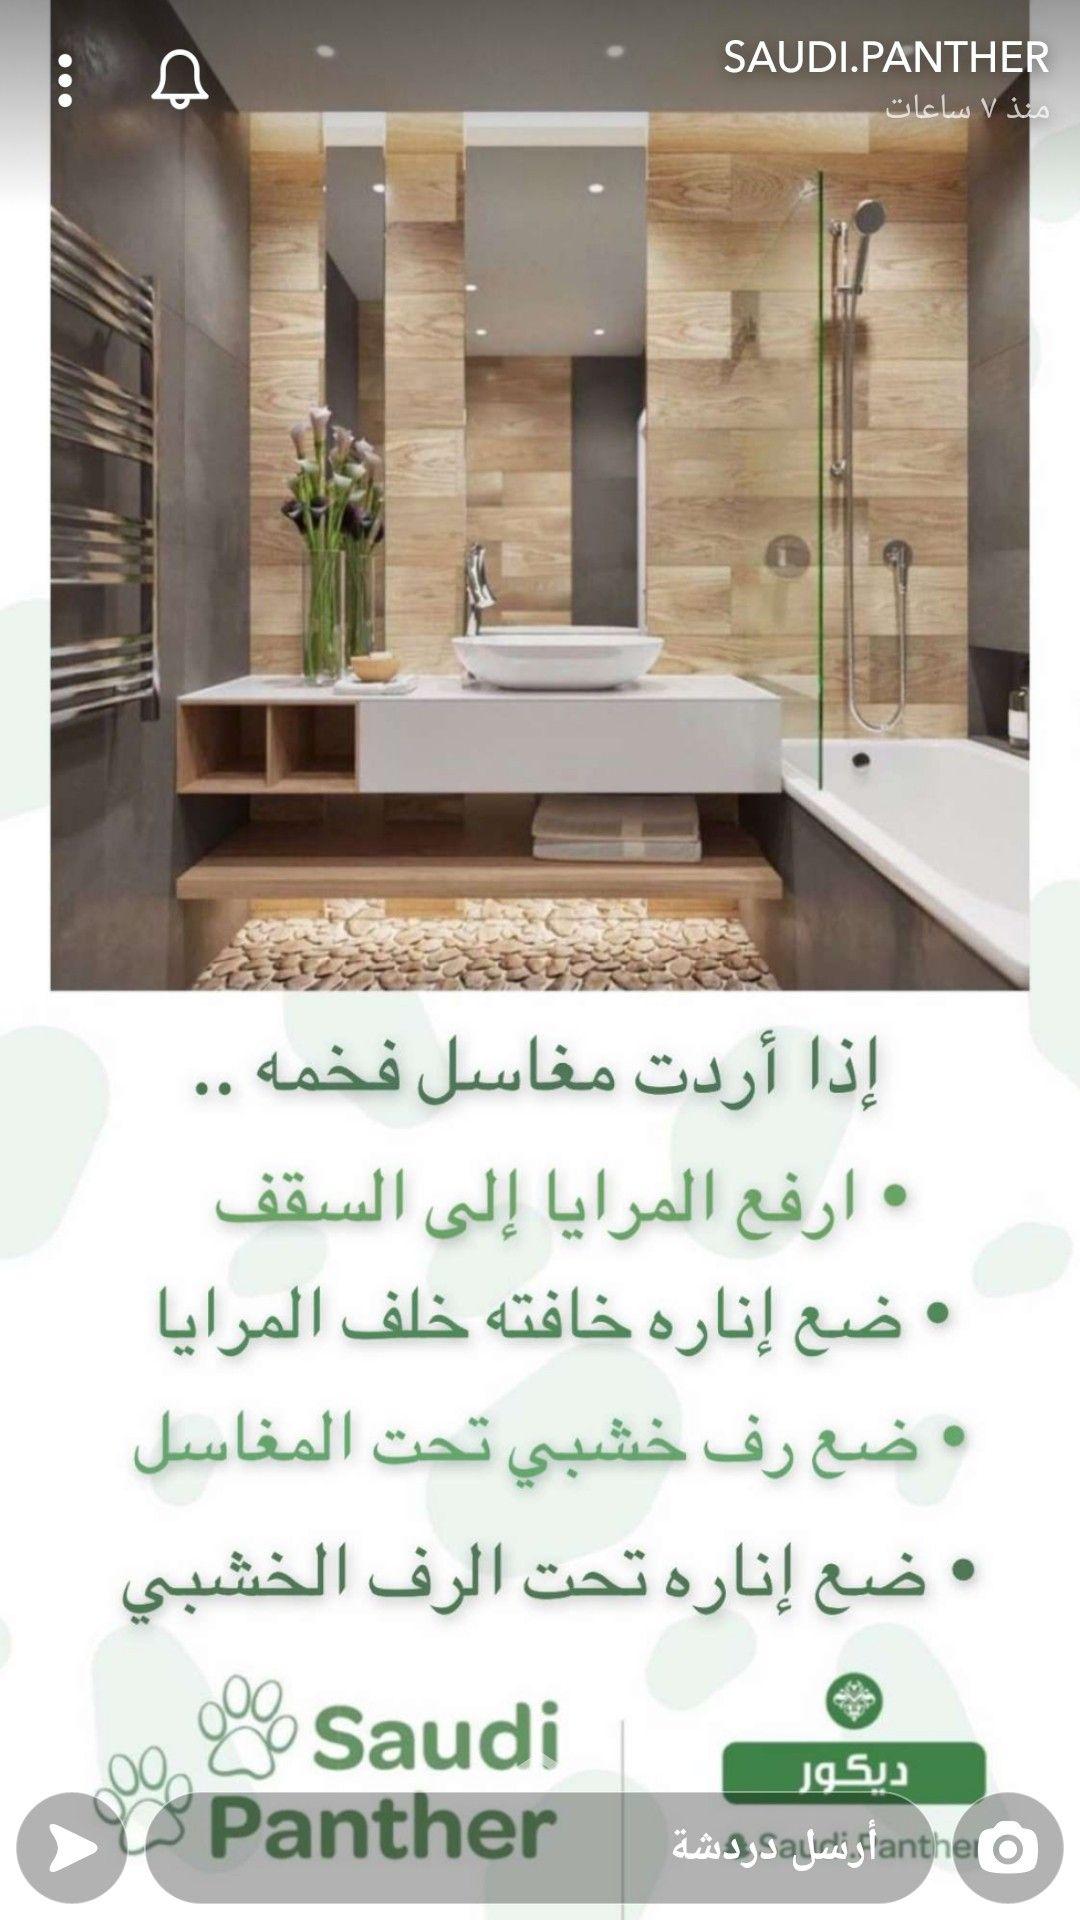 نصائح لمغاسل افخم Bathroom Decor Luxury Bathroom Design Luxury Bathroom Design Decor